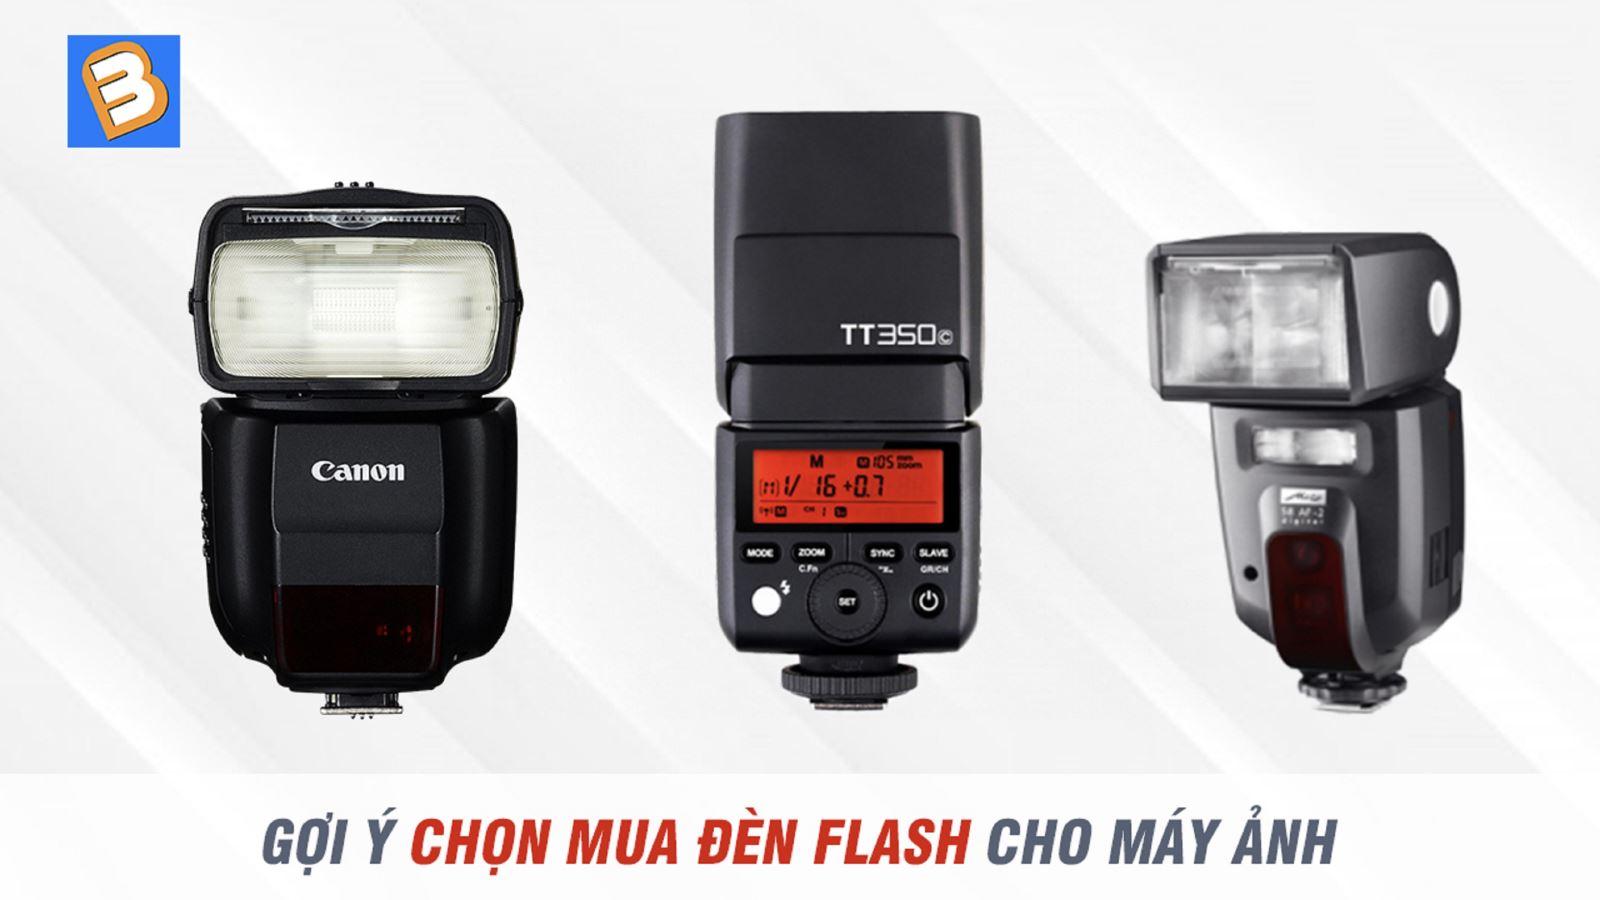 Gợi ý chọn mua đèn Flash cho máy ảnh